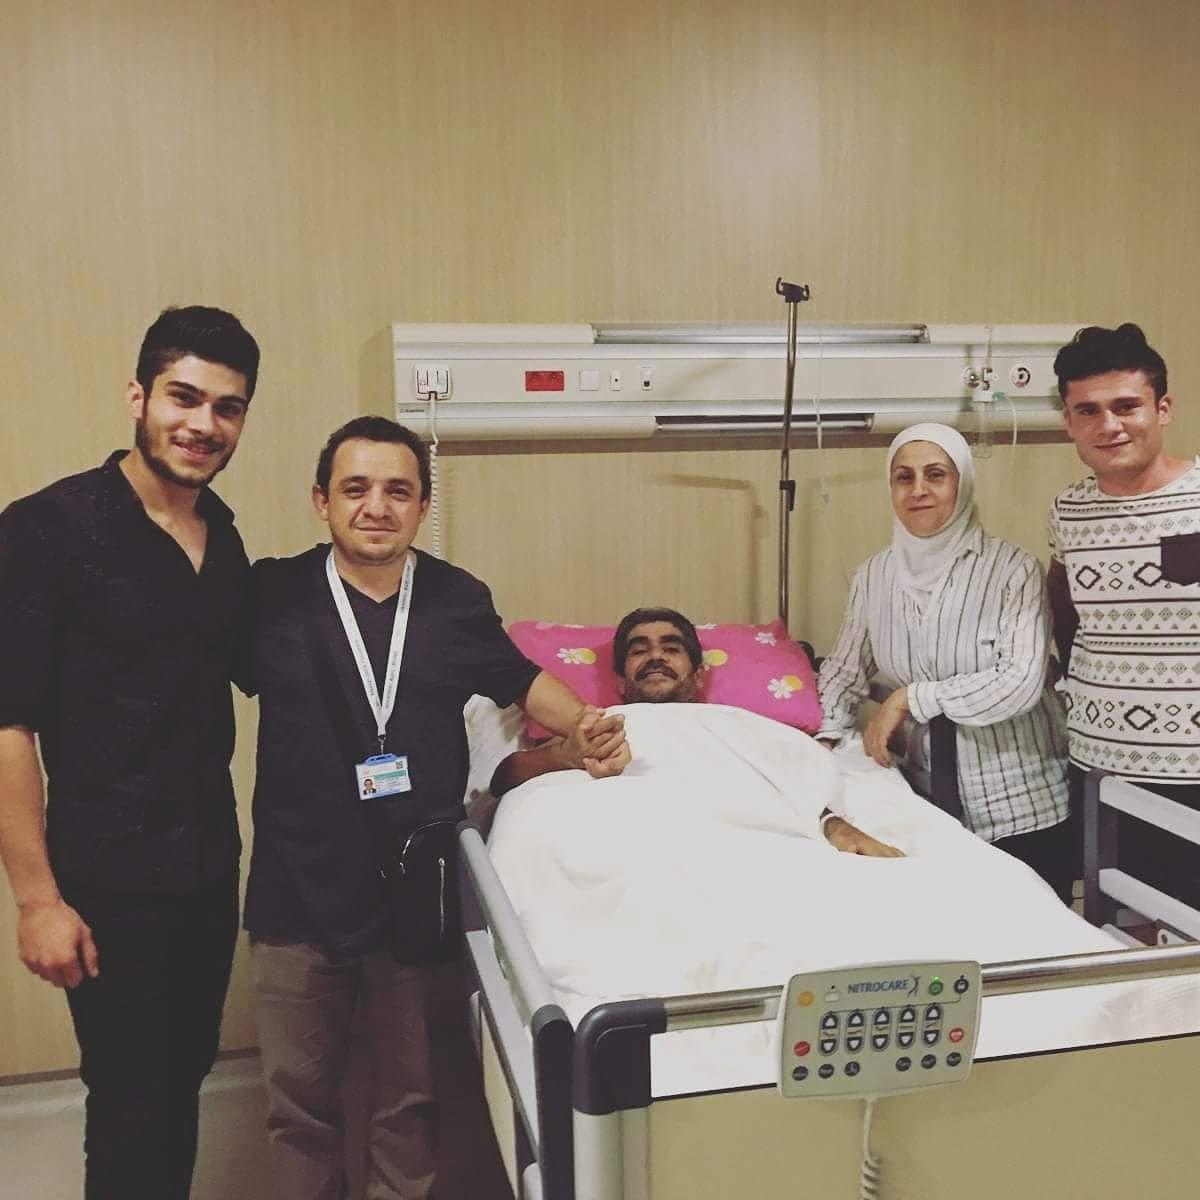 Mersin şehir Eğitim Ve Hastanesi On Twitter Suriye Afrinden